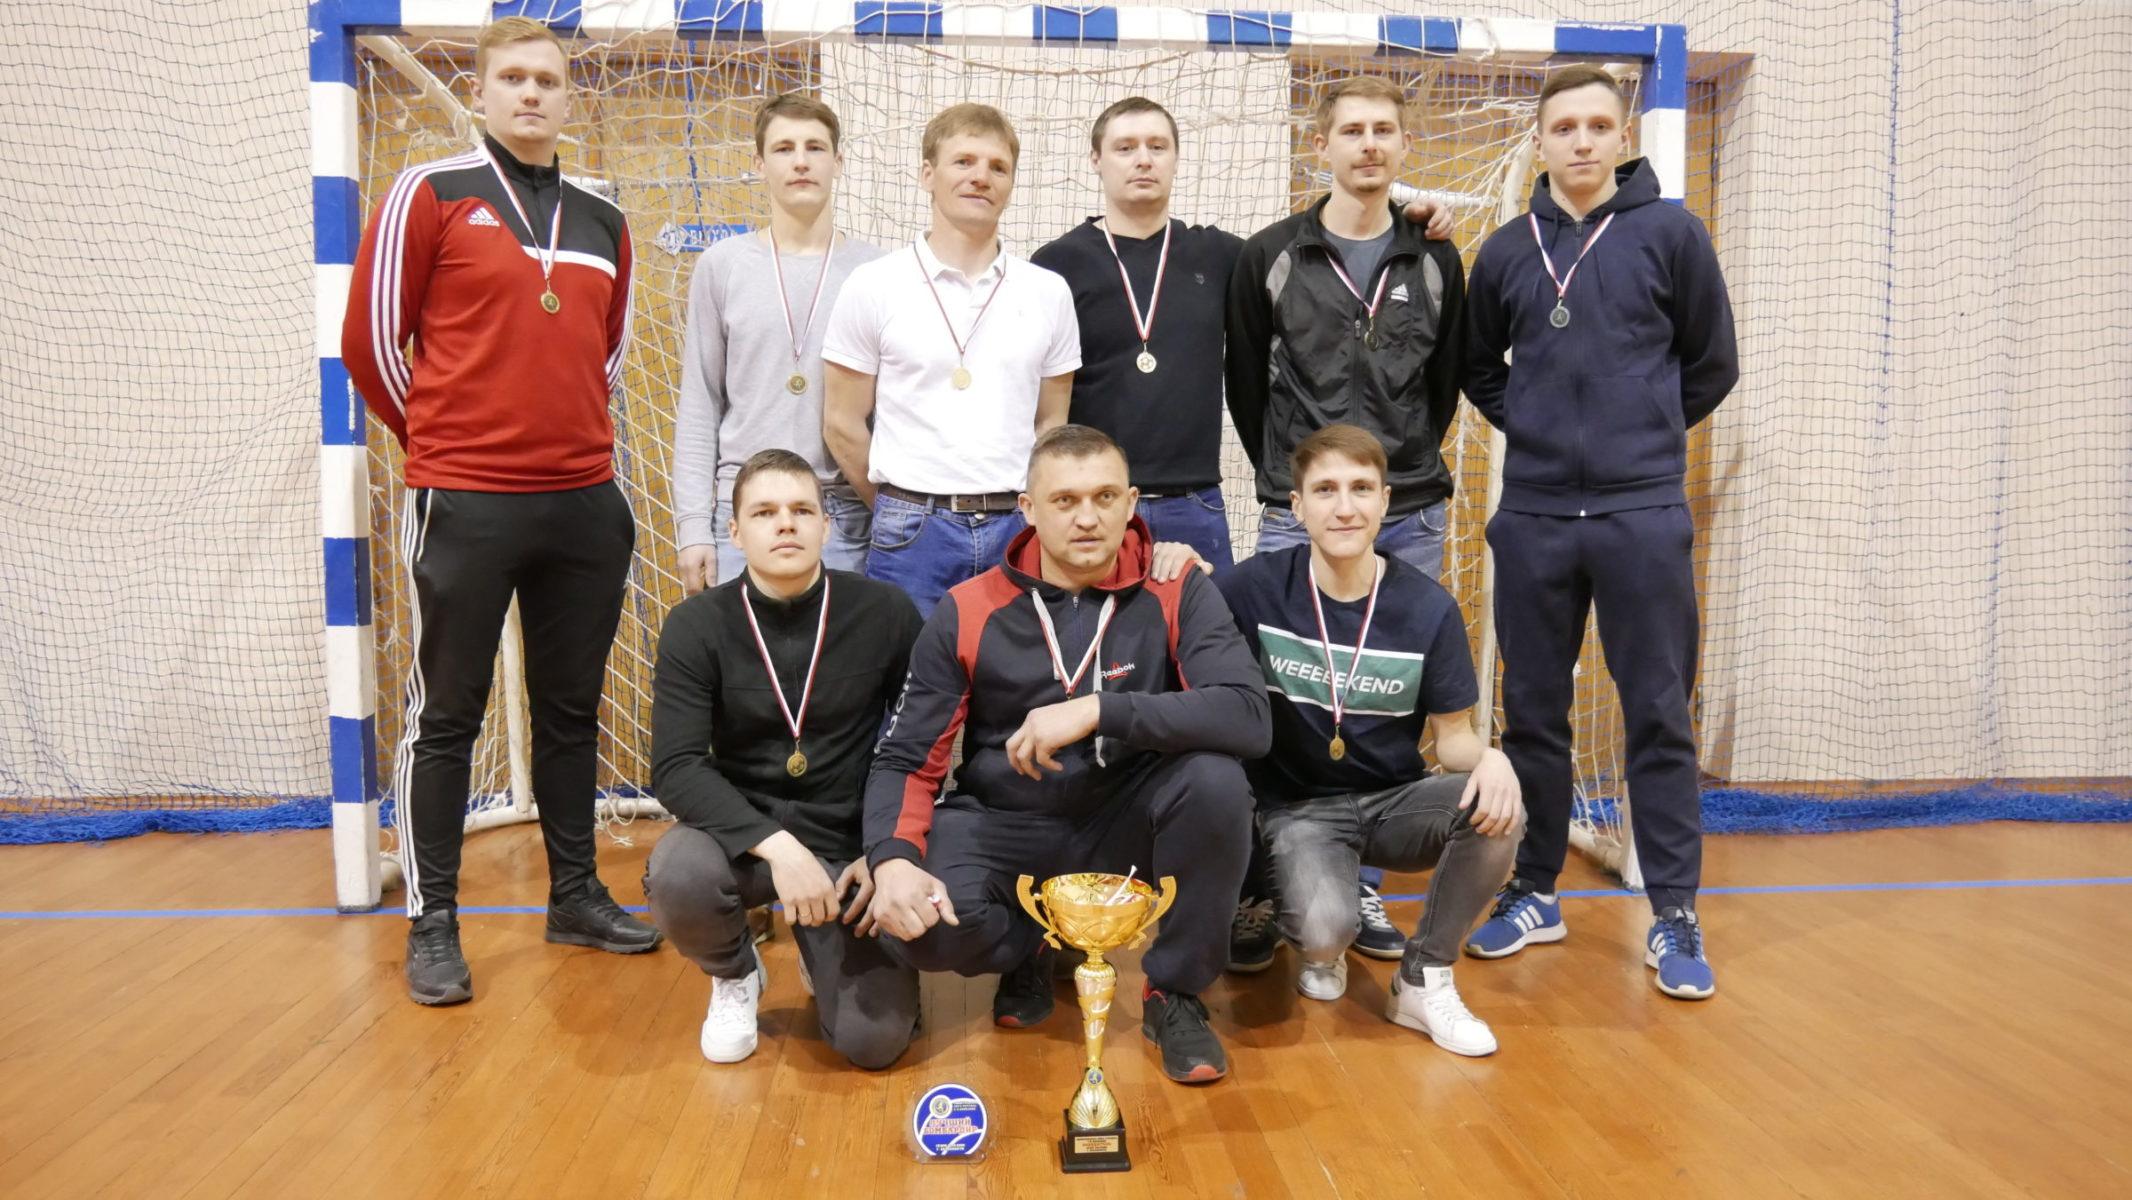 ЖБК (Барановичи) – победители второго дивизиона.